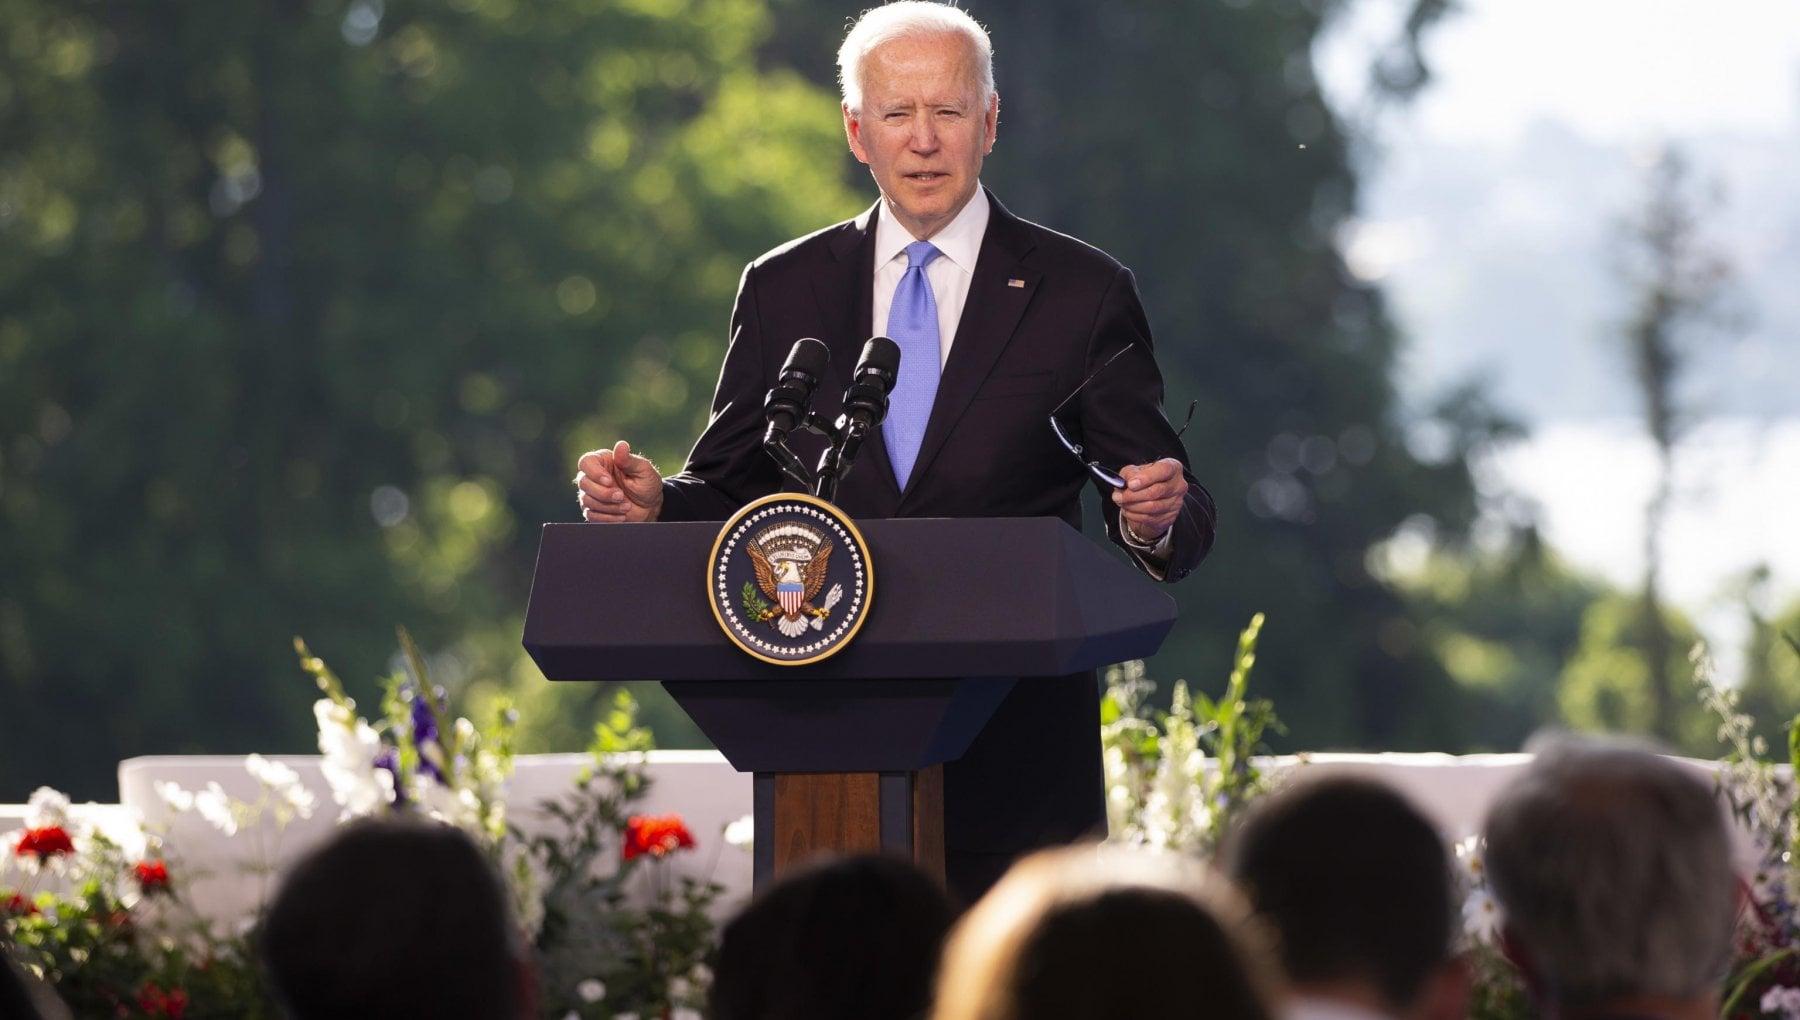 """215041504 b6b4786c ffe2 4b4d a079 2726c398ff7b - Il presidente Usa non fa sconti: """"Più che alla fiducia penso agli interessi"""""""